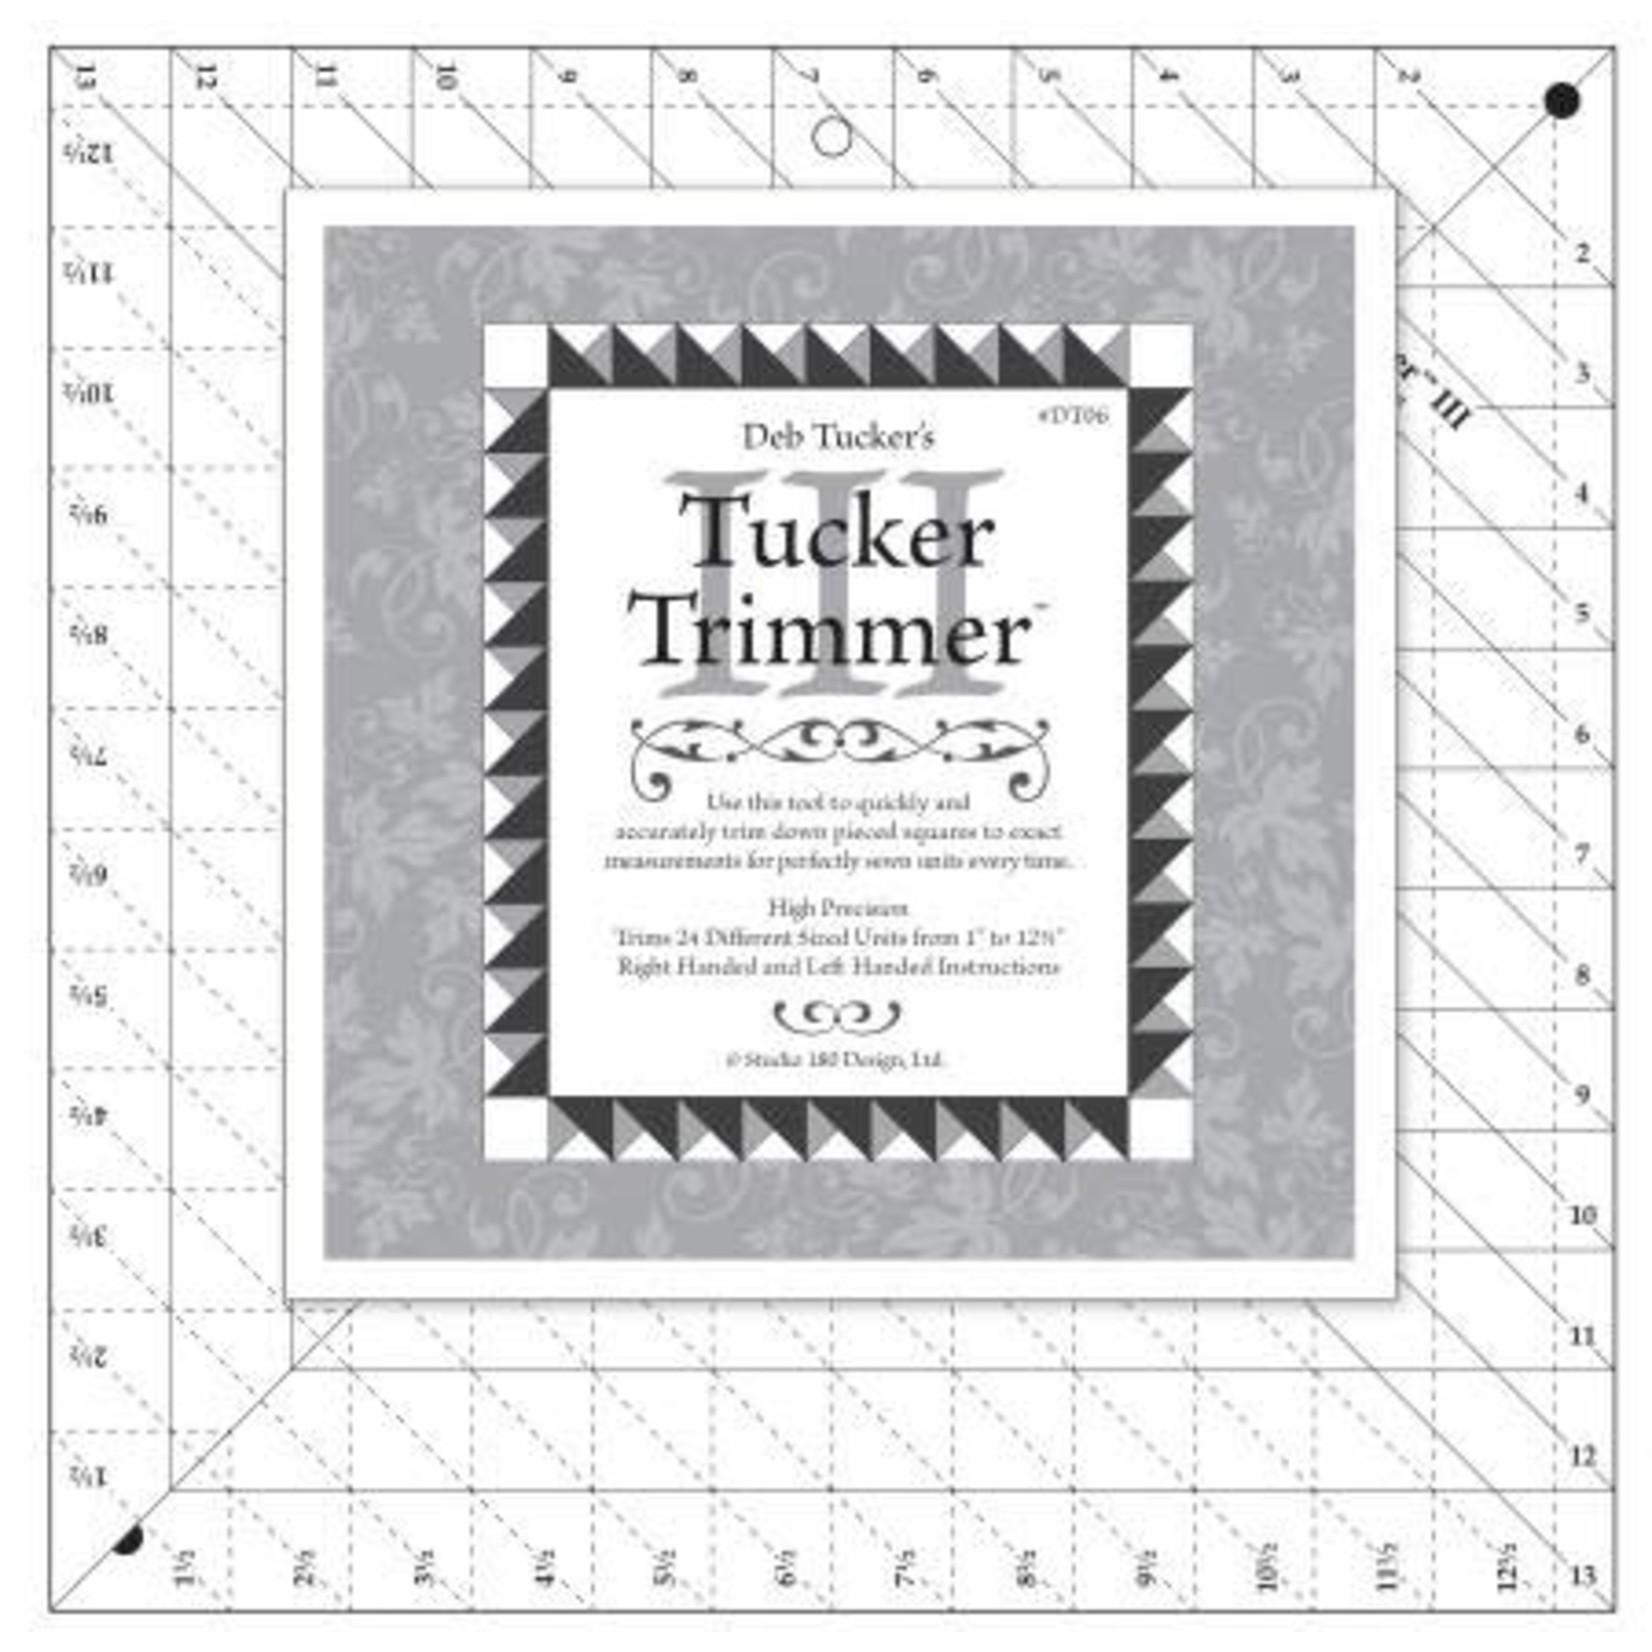 STUDIO 180 DESIGN TUCKER TRIMMER 3 RULER